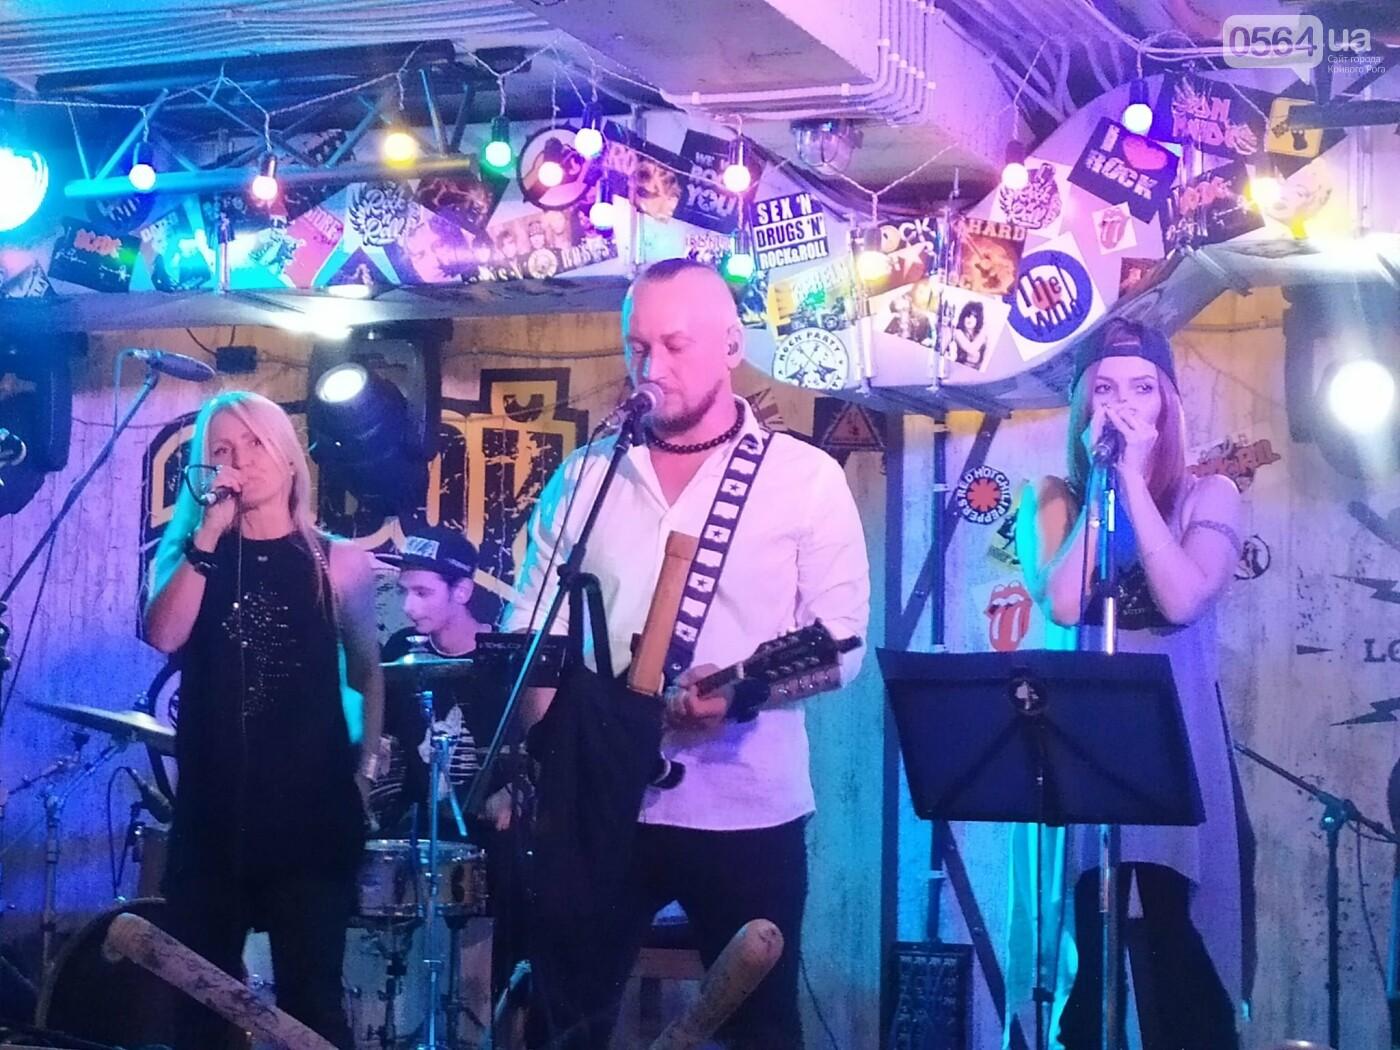 """Группа """"Роялькіт"""" зазвучала по-новому, - криворожские музыканты подготовили сюрпризы для своих поклонников, - ФОТО , фото-13"""